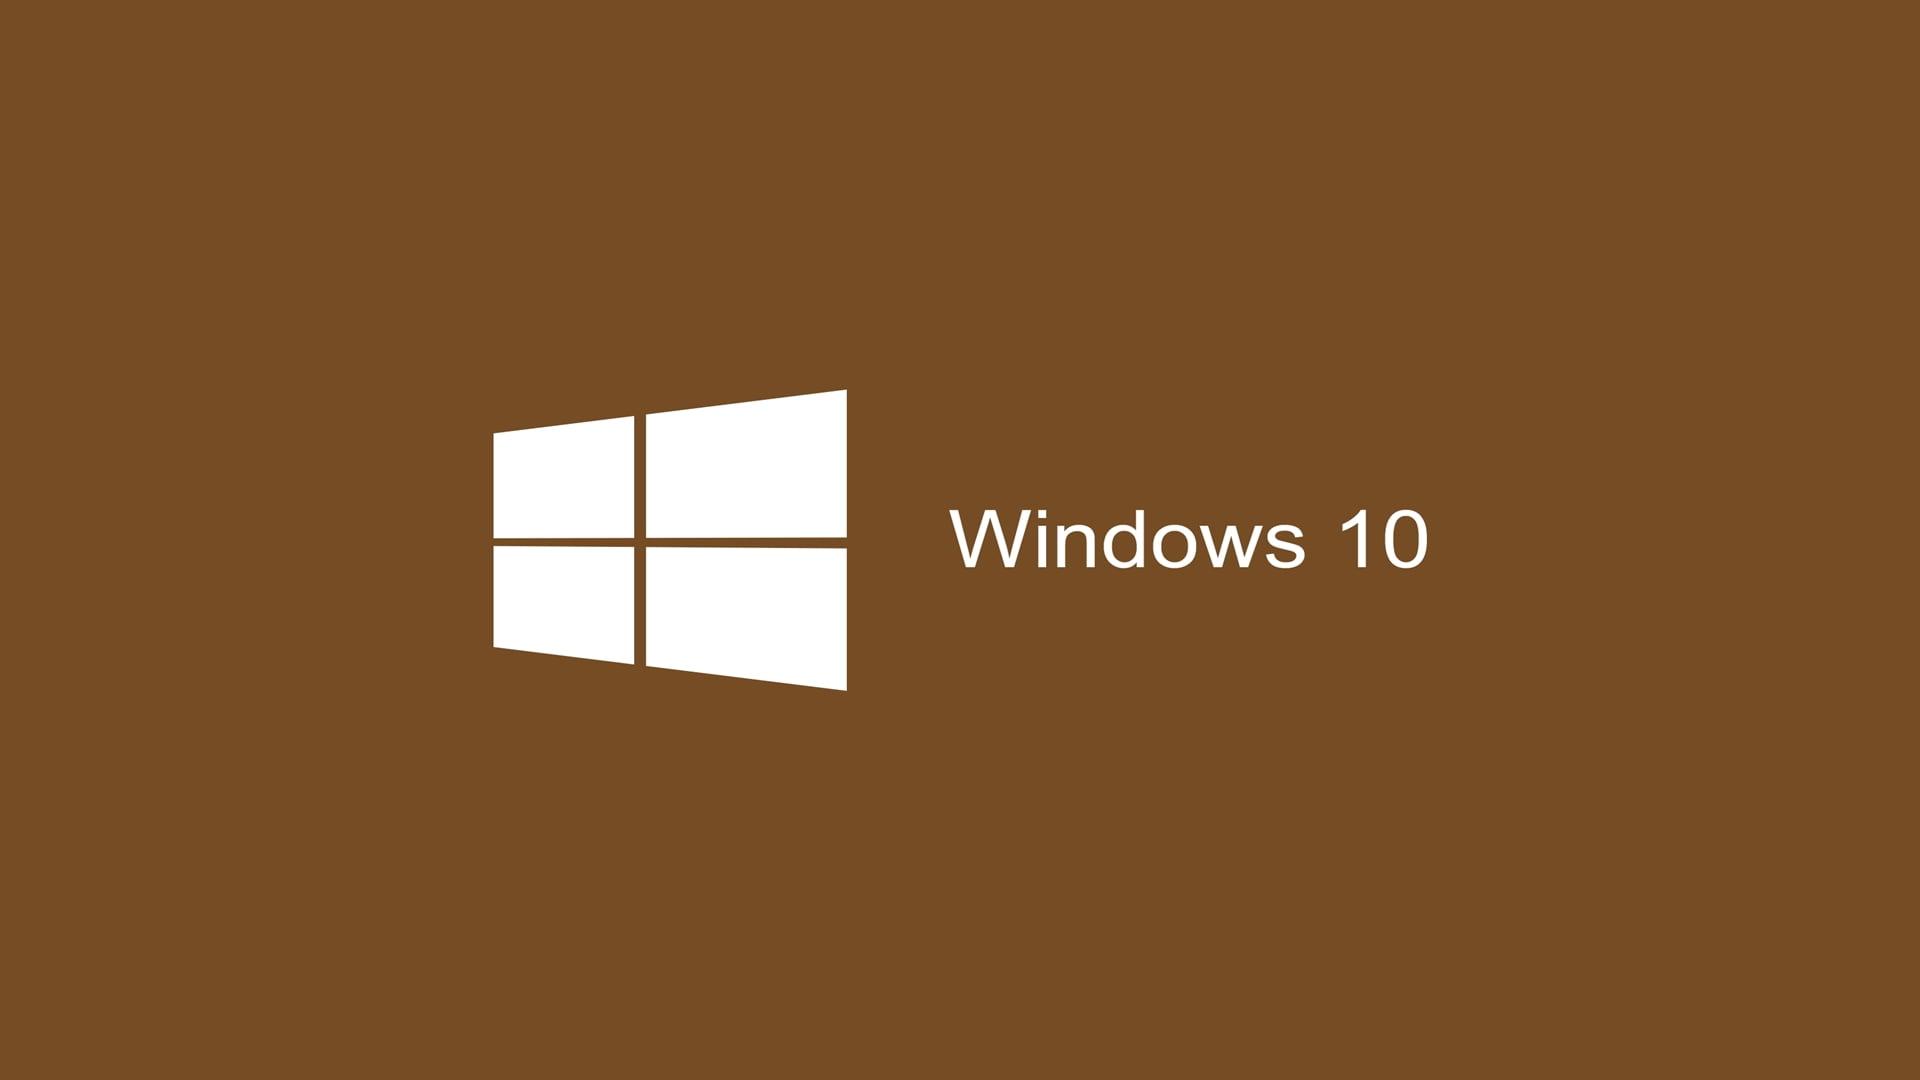 Papel De Parede Para O Windows 10: Papéis De Parede Do Windows 10